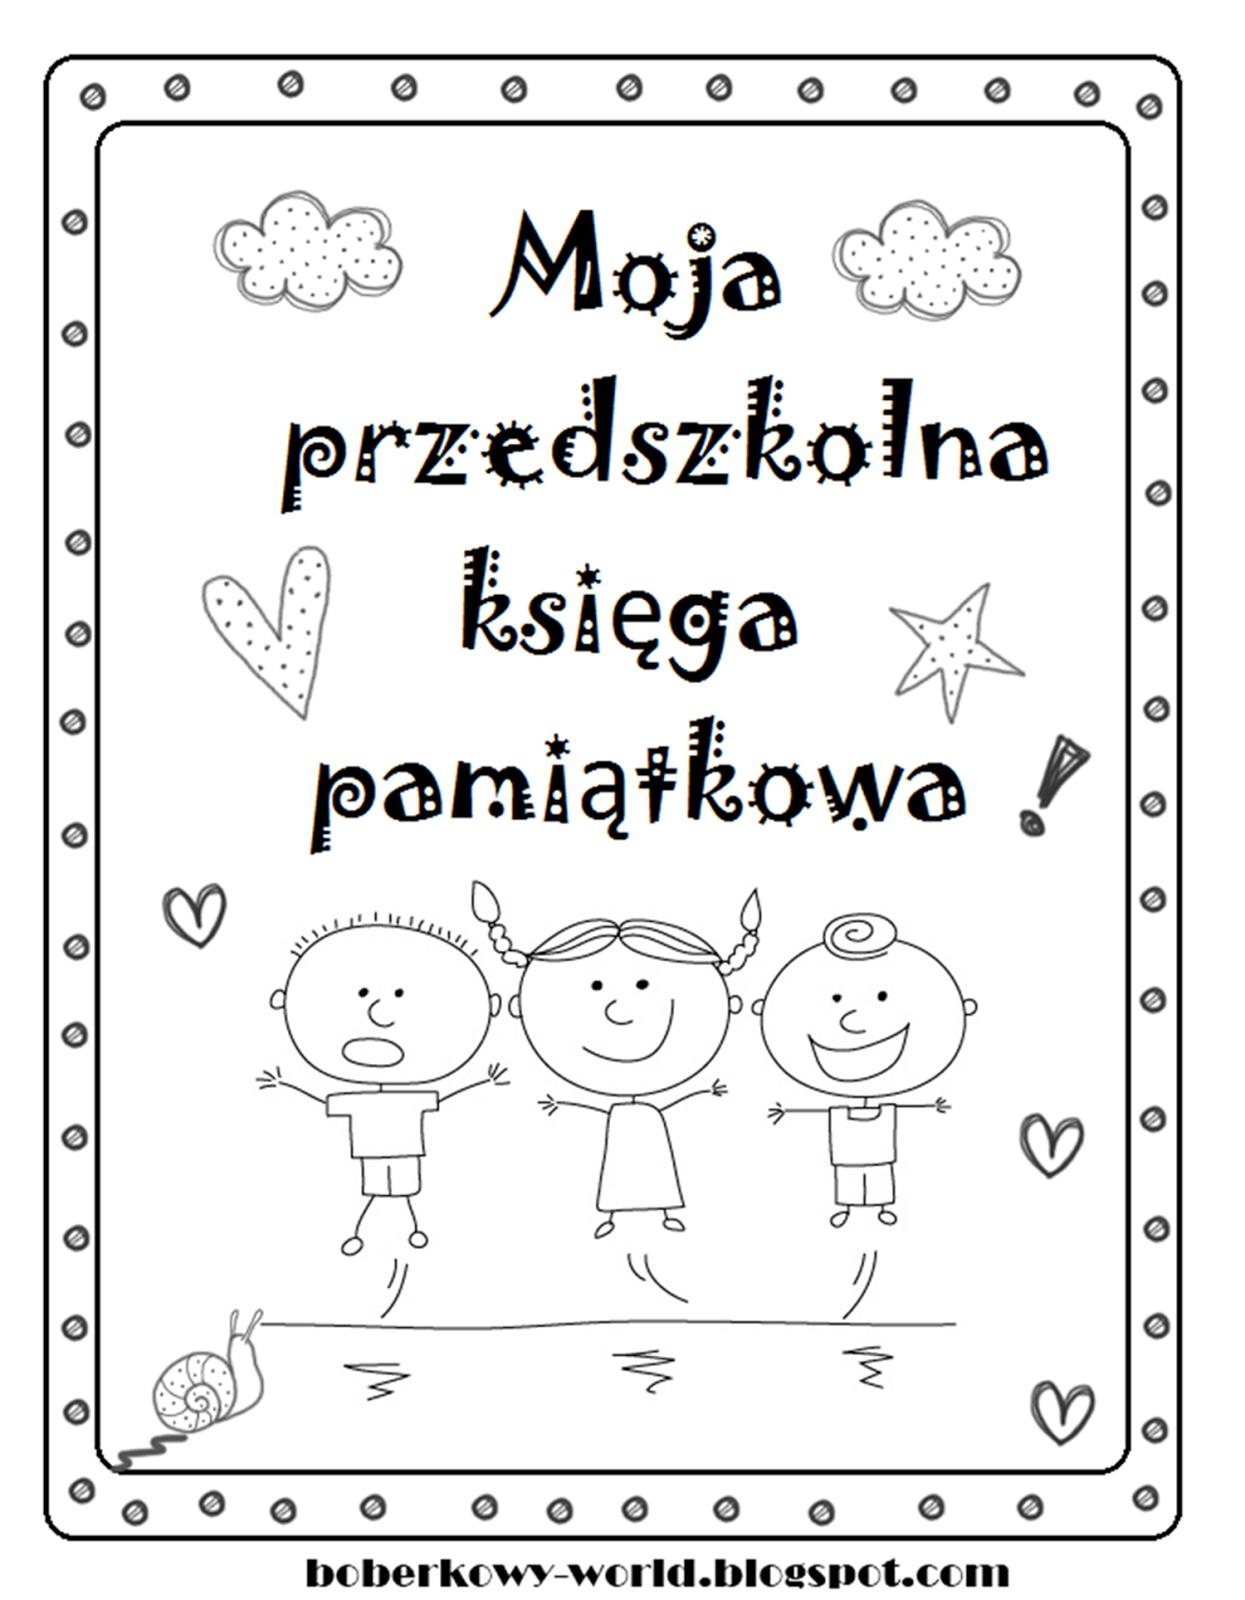 Boberkowy World Przedszkolna Ksi Ga Pami Tkowa Prezent